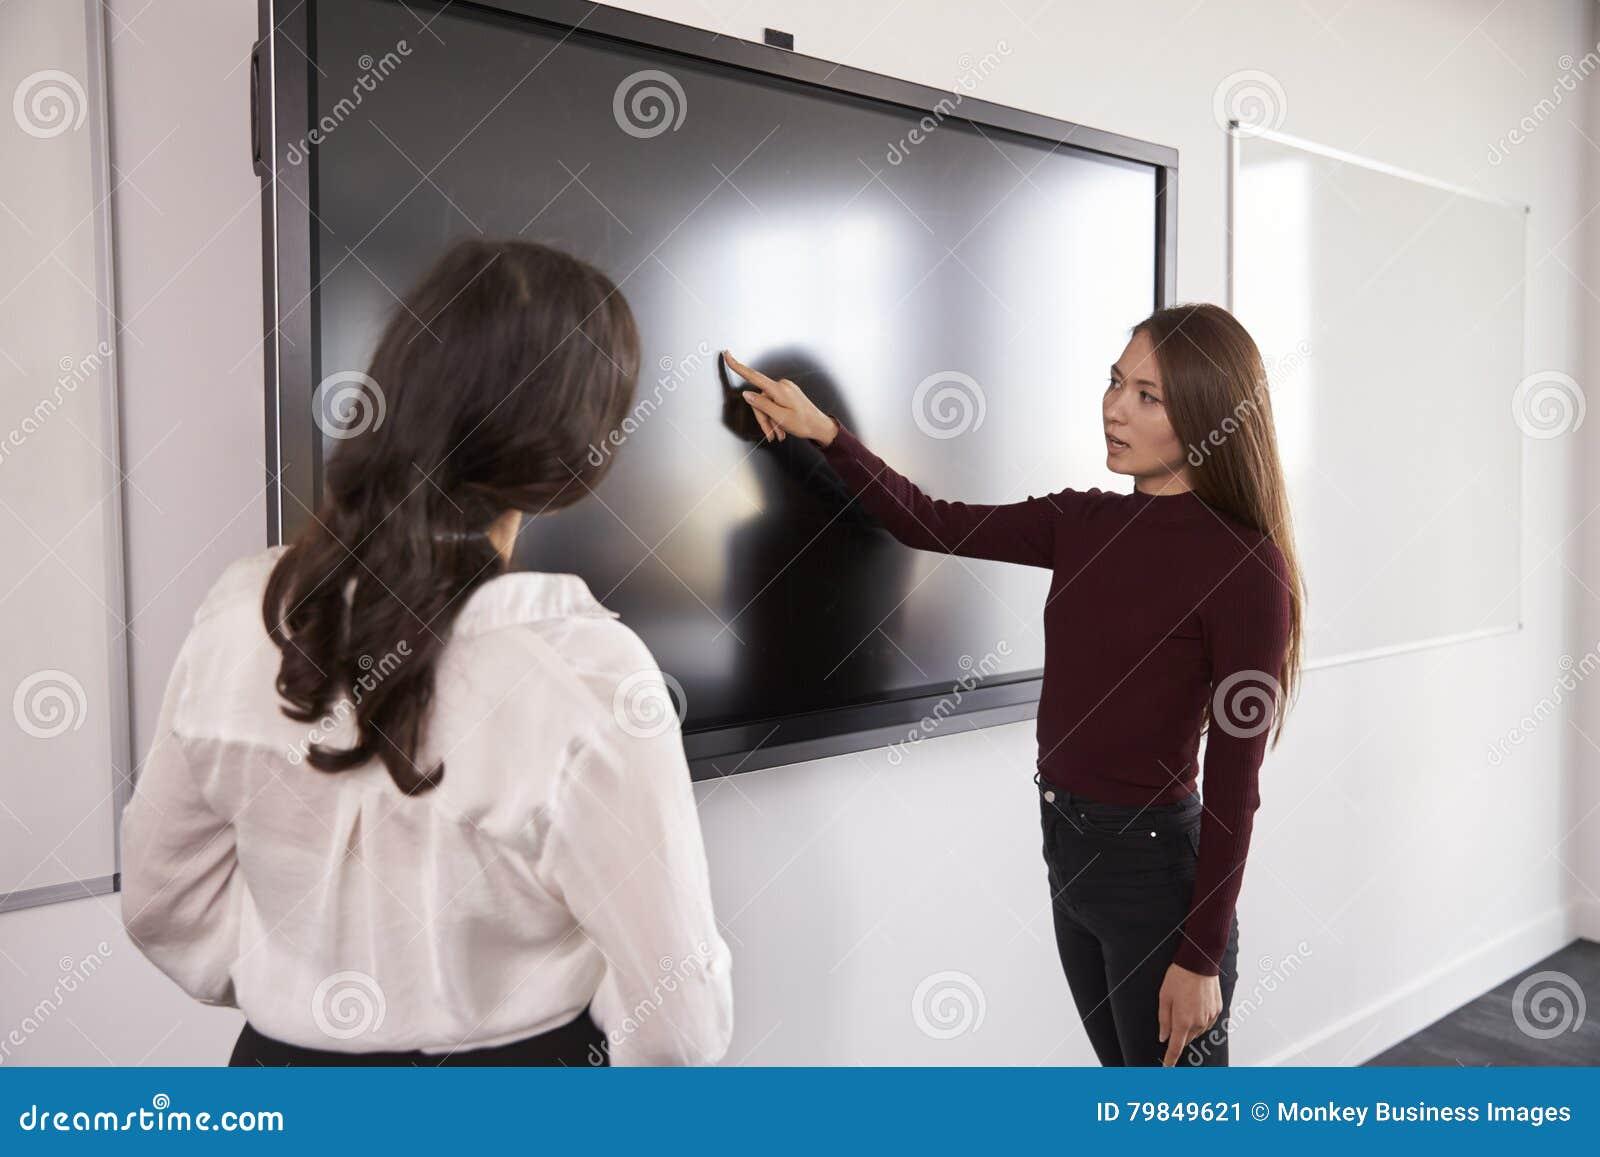 Студент и гувернер обсуждают проект на взаимодействующем Whiteboard